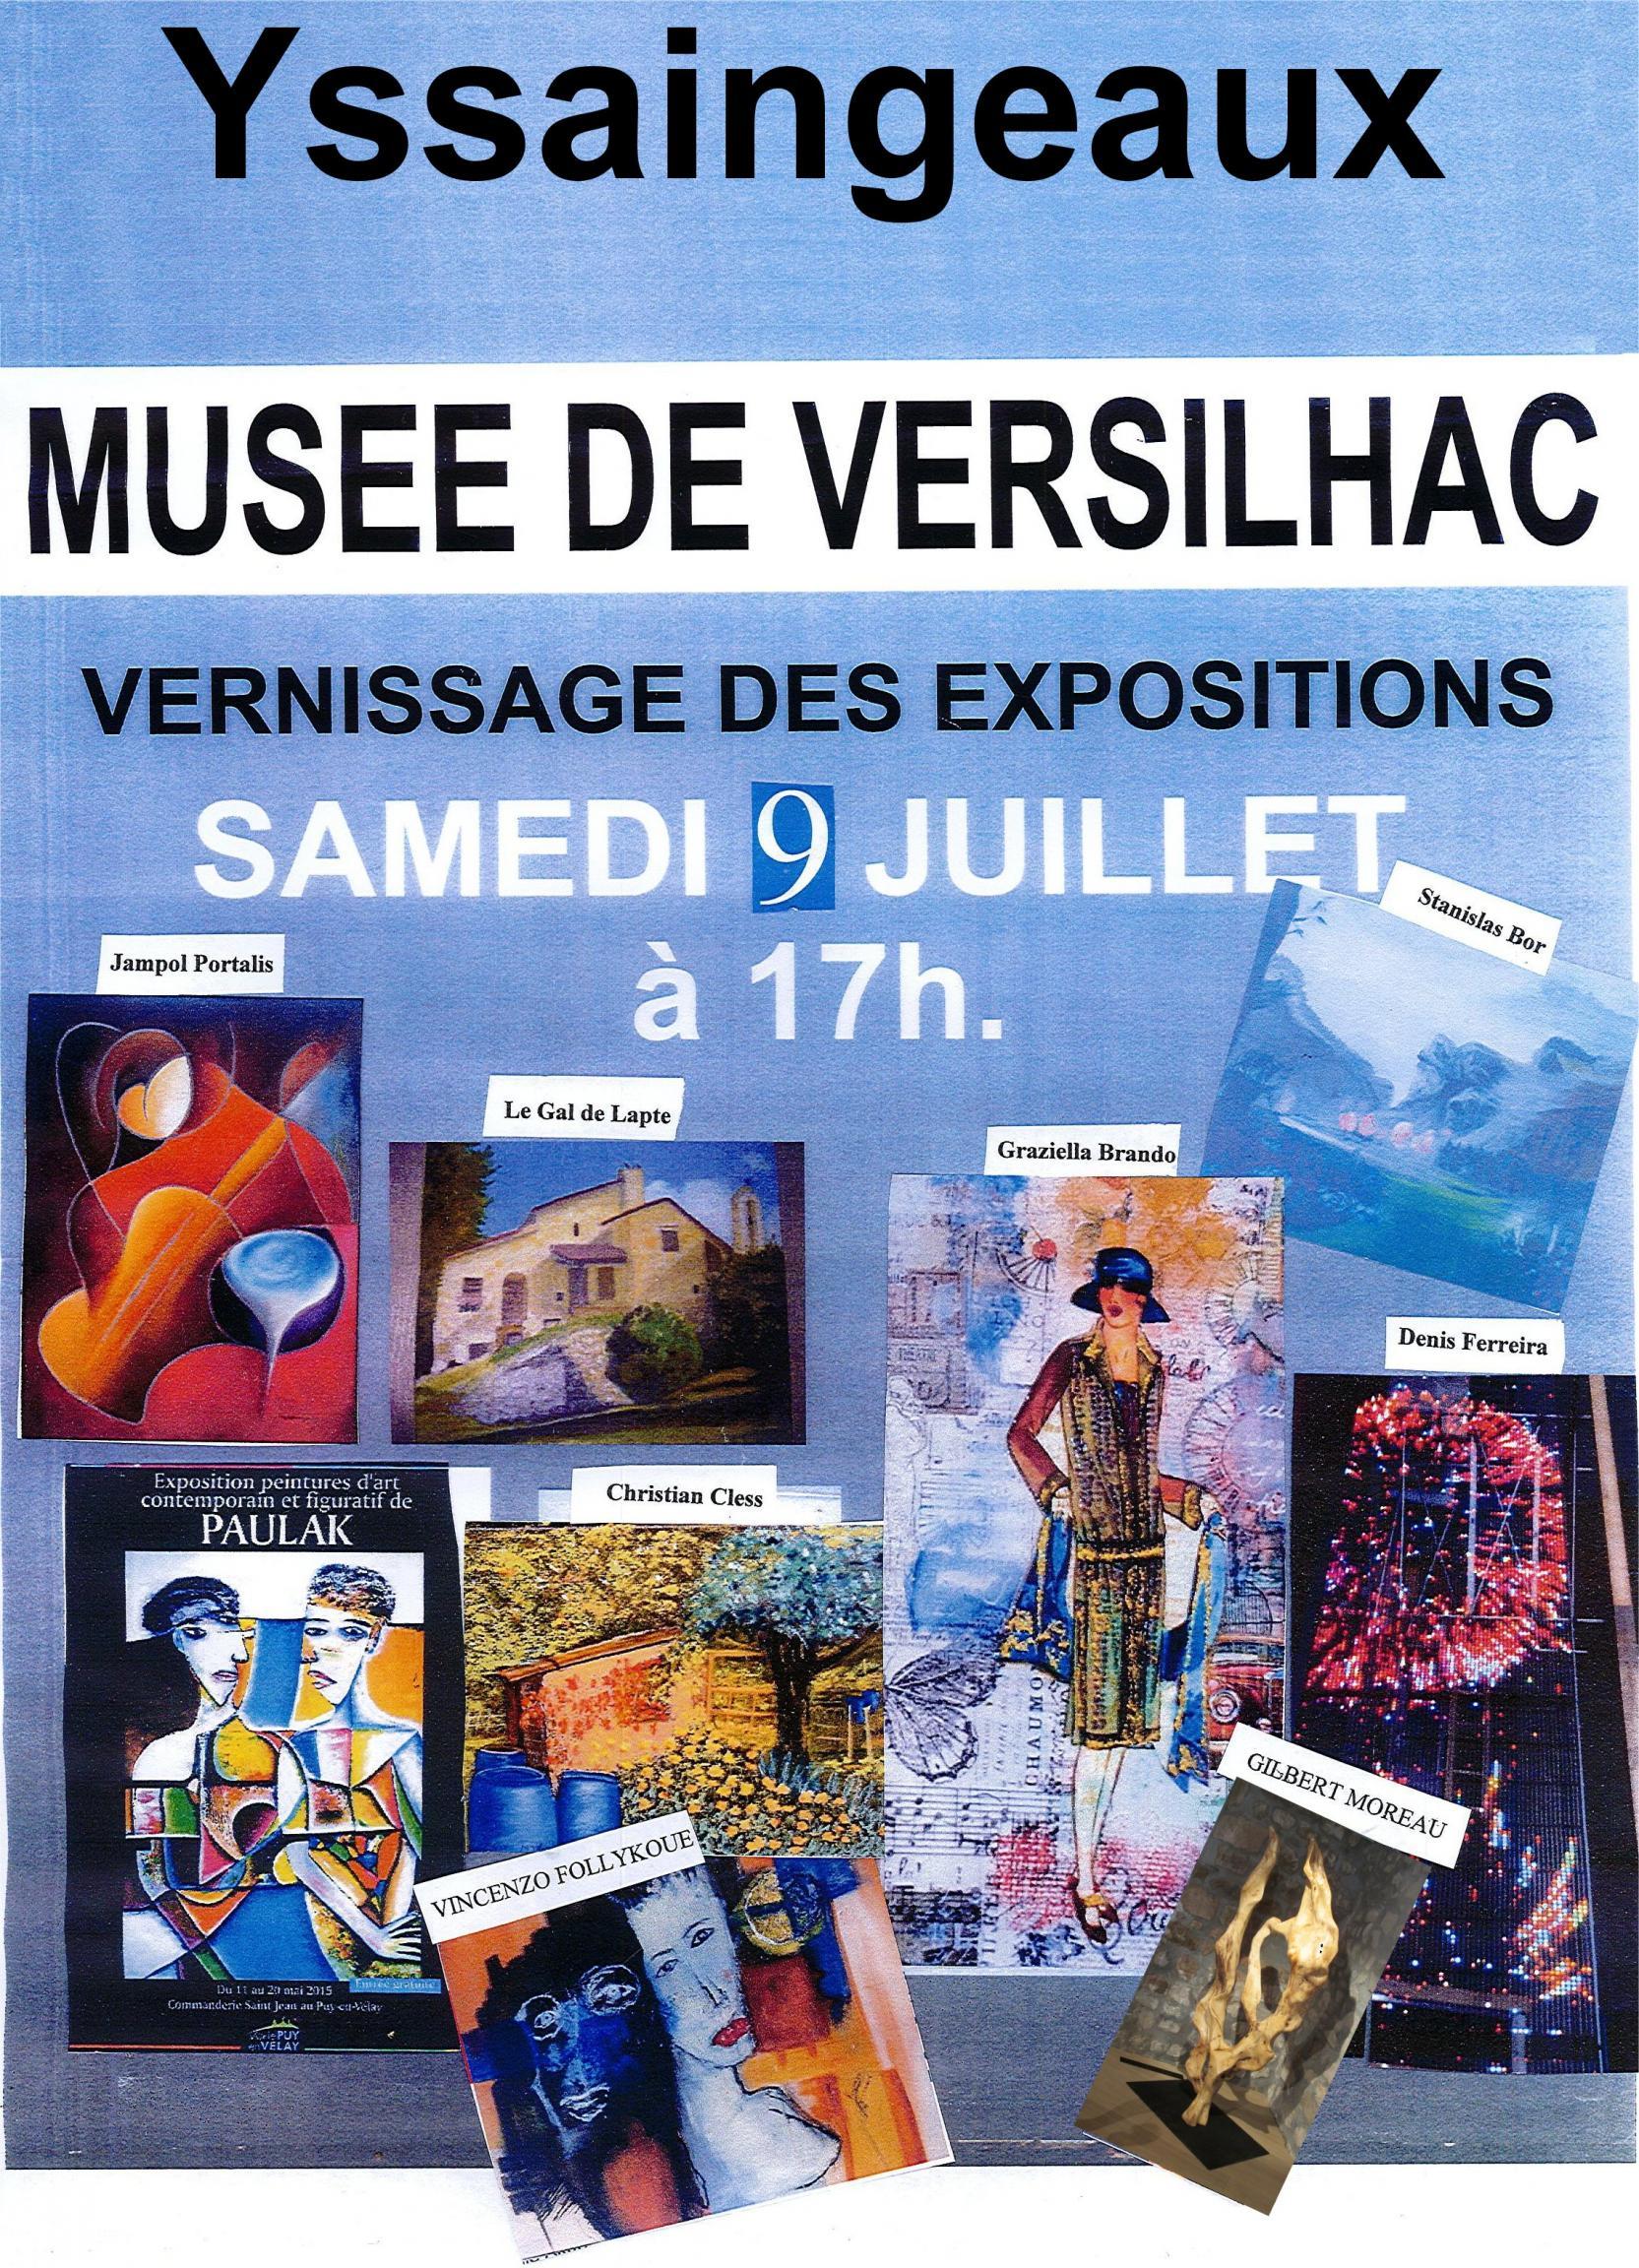 Actualité de Gilbert Moreau Sculpteur sur bois - Tourneur d'art Vernissage des expositions au musée de Versihac